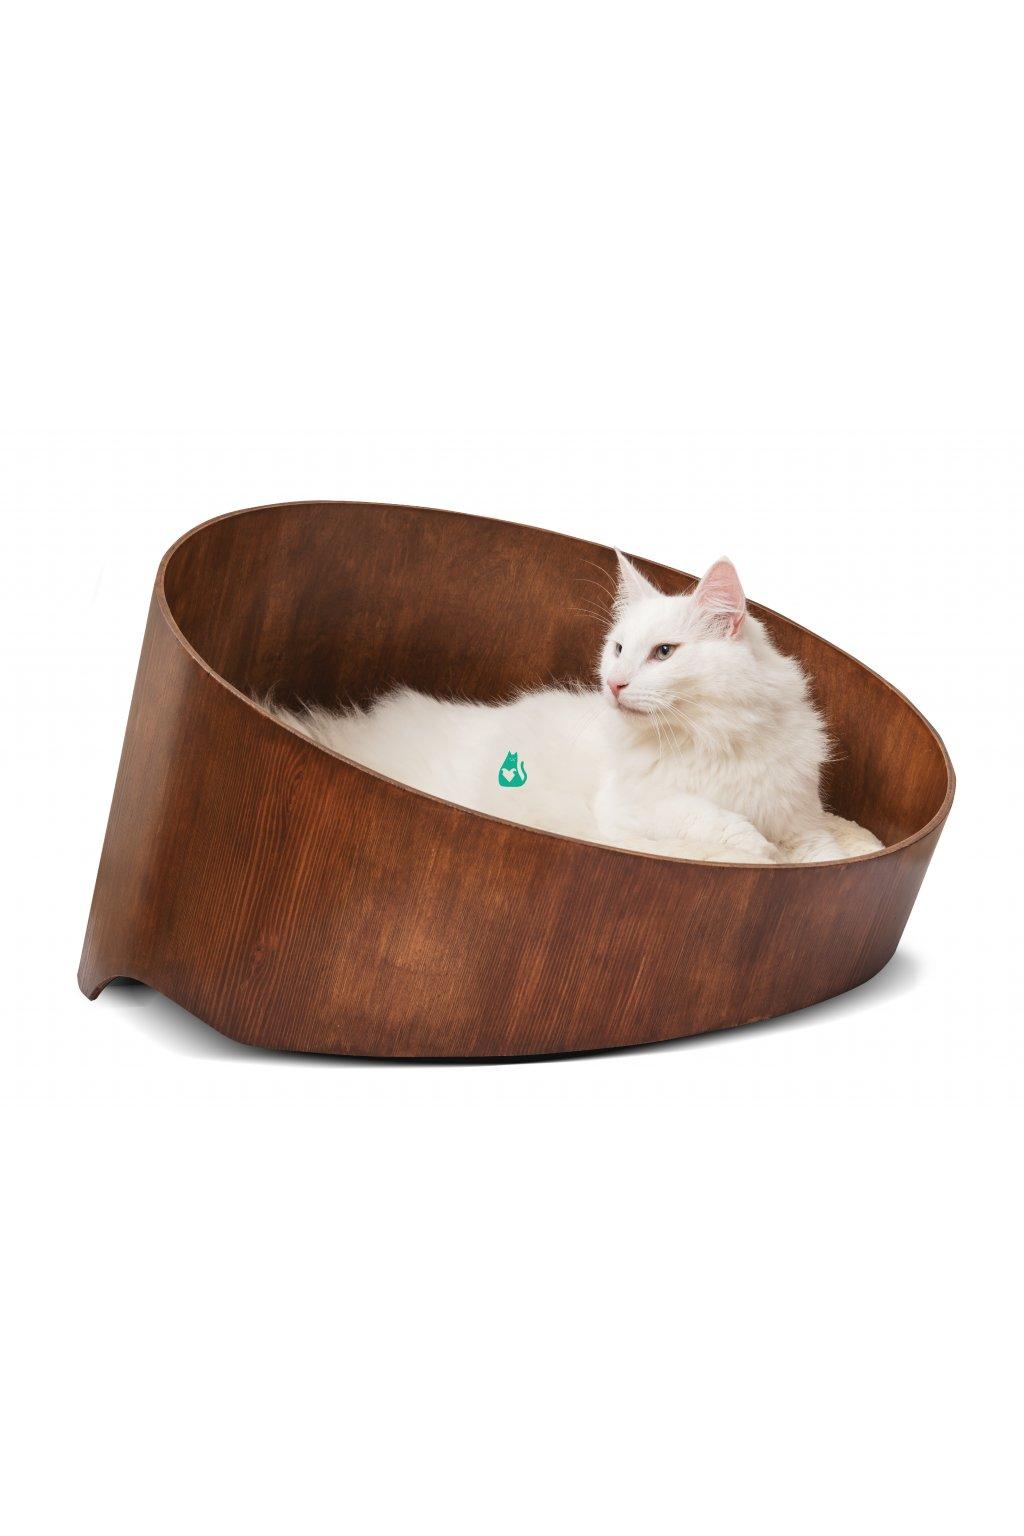 Designový pelíšek ze dřeva - HolidayCat Moggy, průměr 60cm